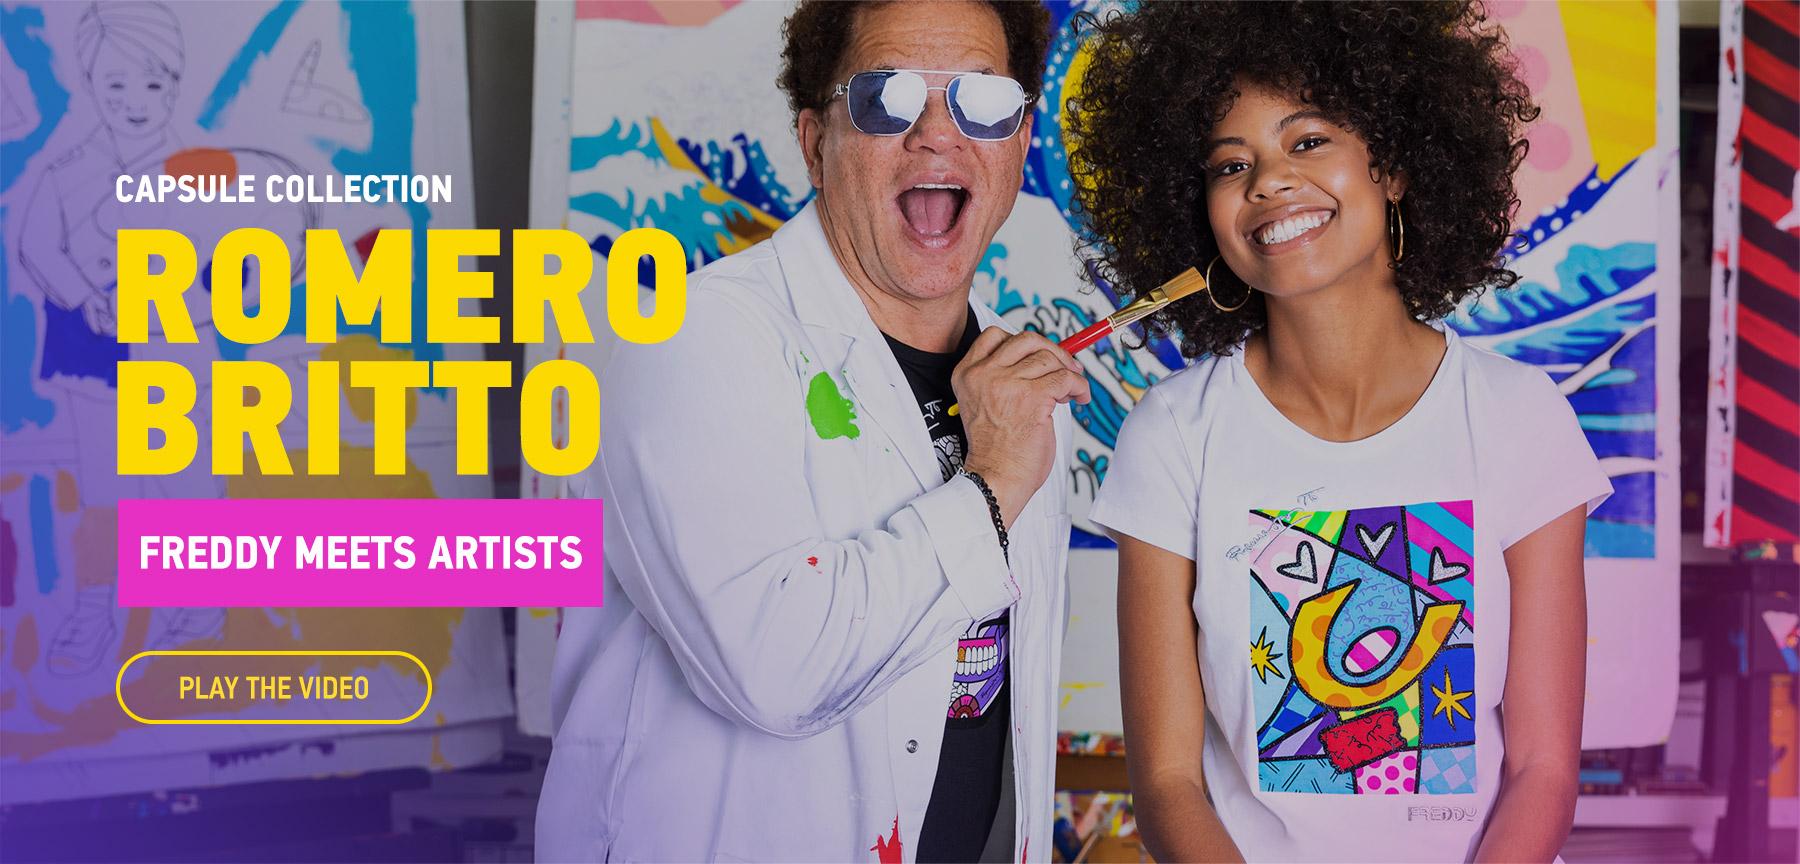 FREDDY MEETS ARTISTS: ROMERO BRITTO